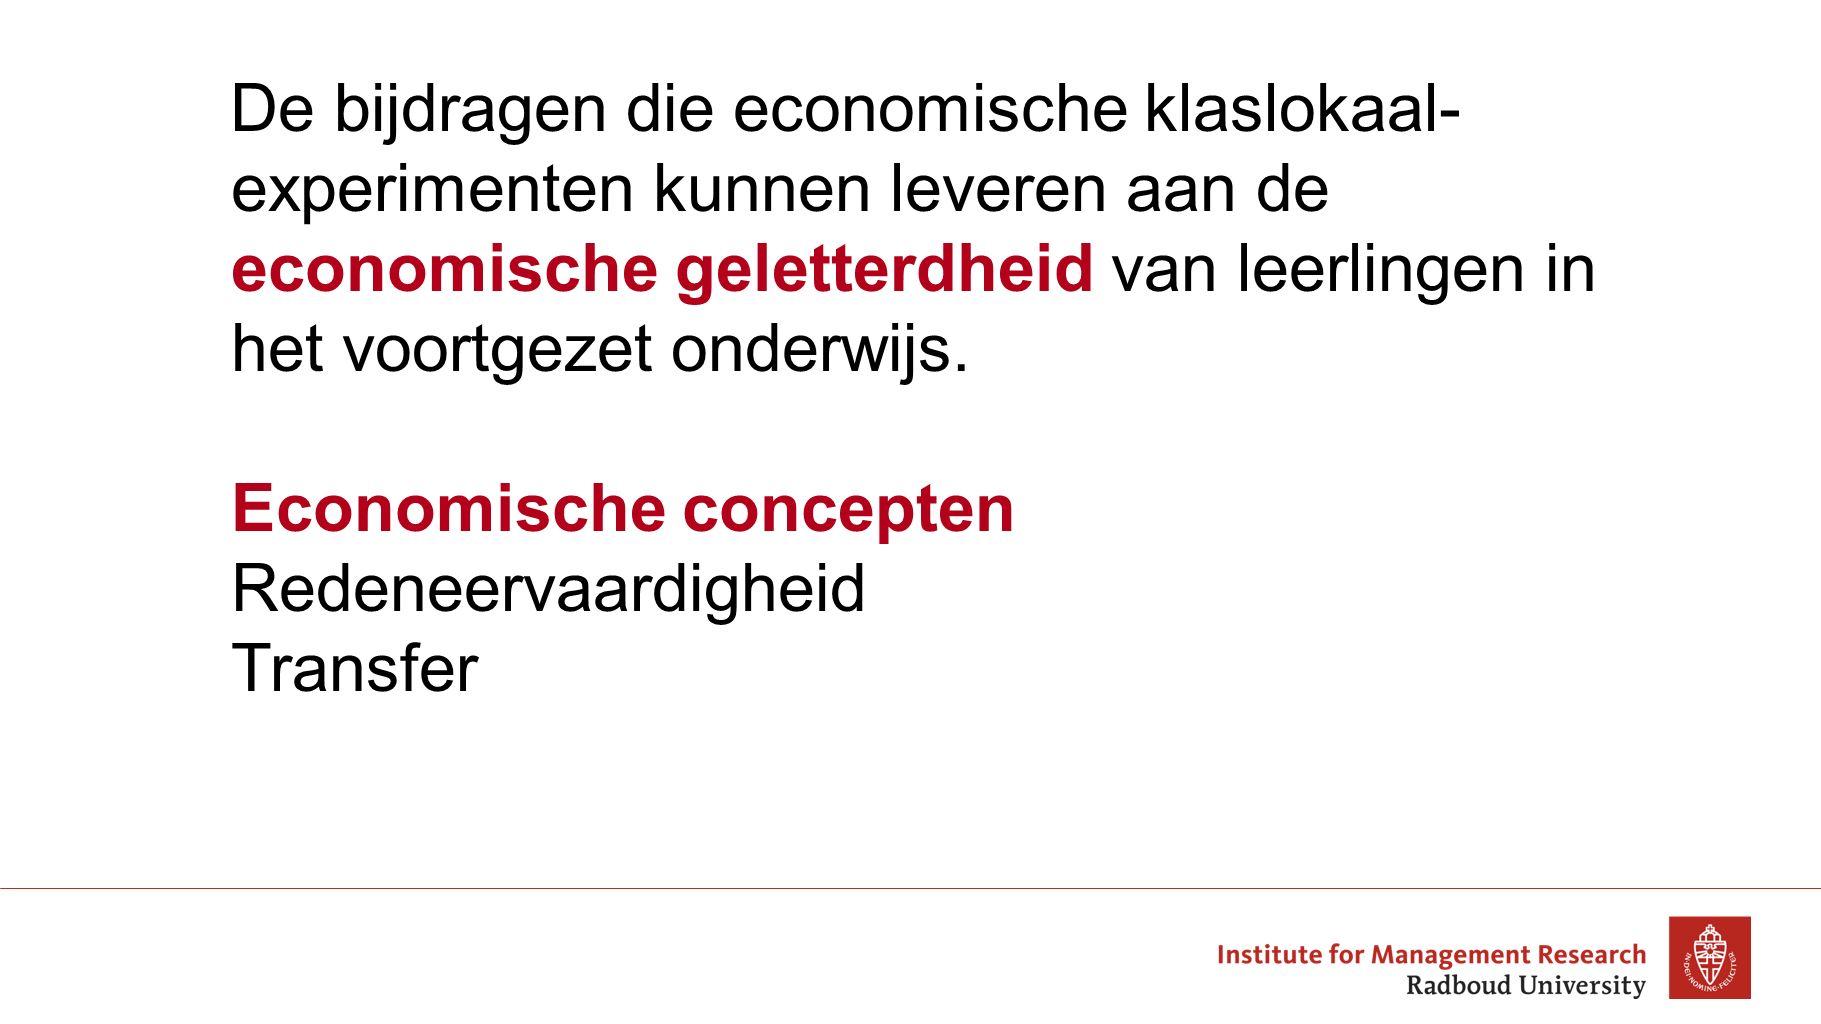 Economische concepten Redeneervaardigheid Transfer